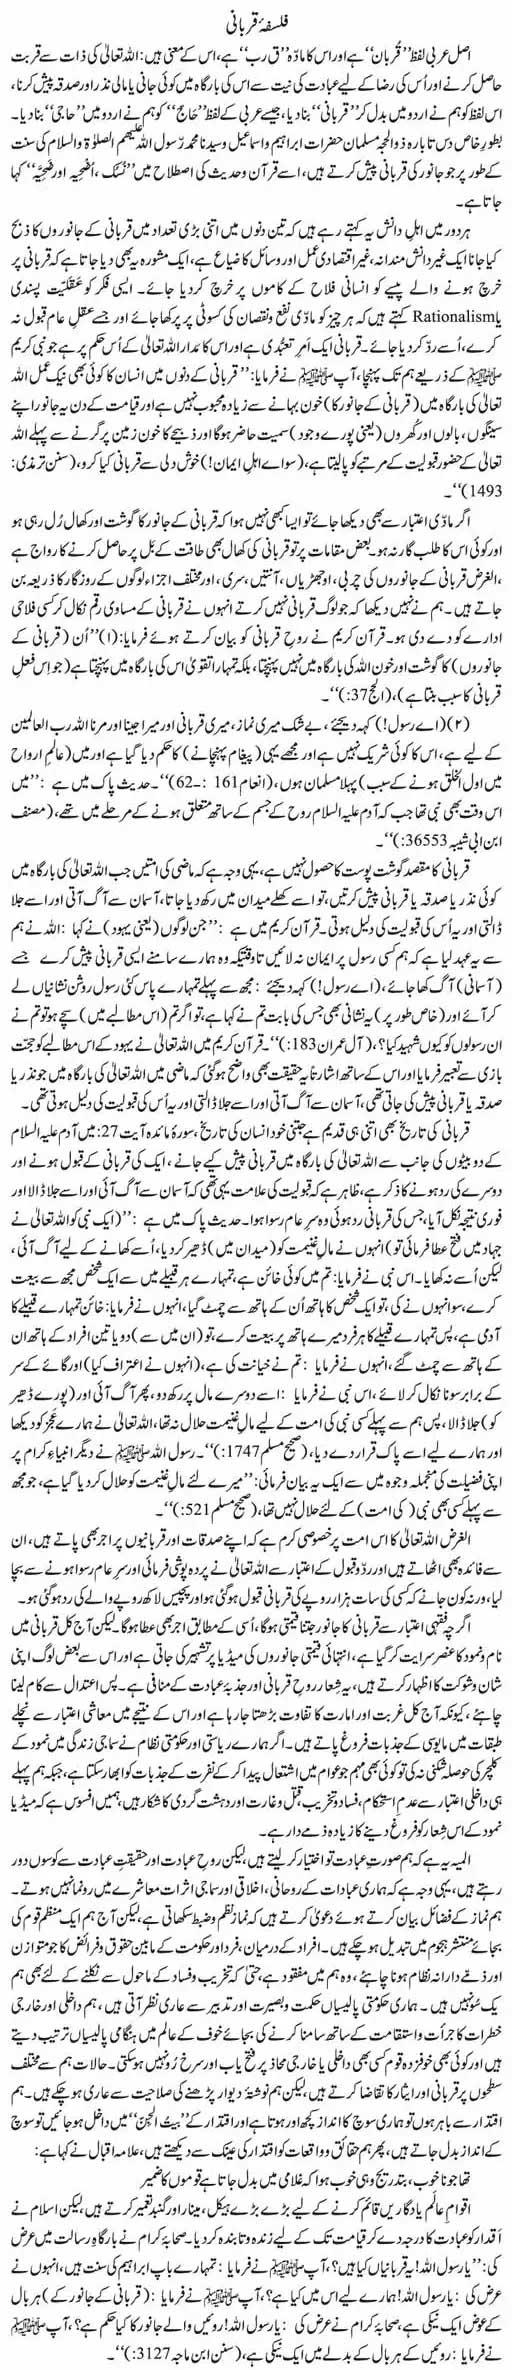 Falsafa-e-Qurbani